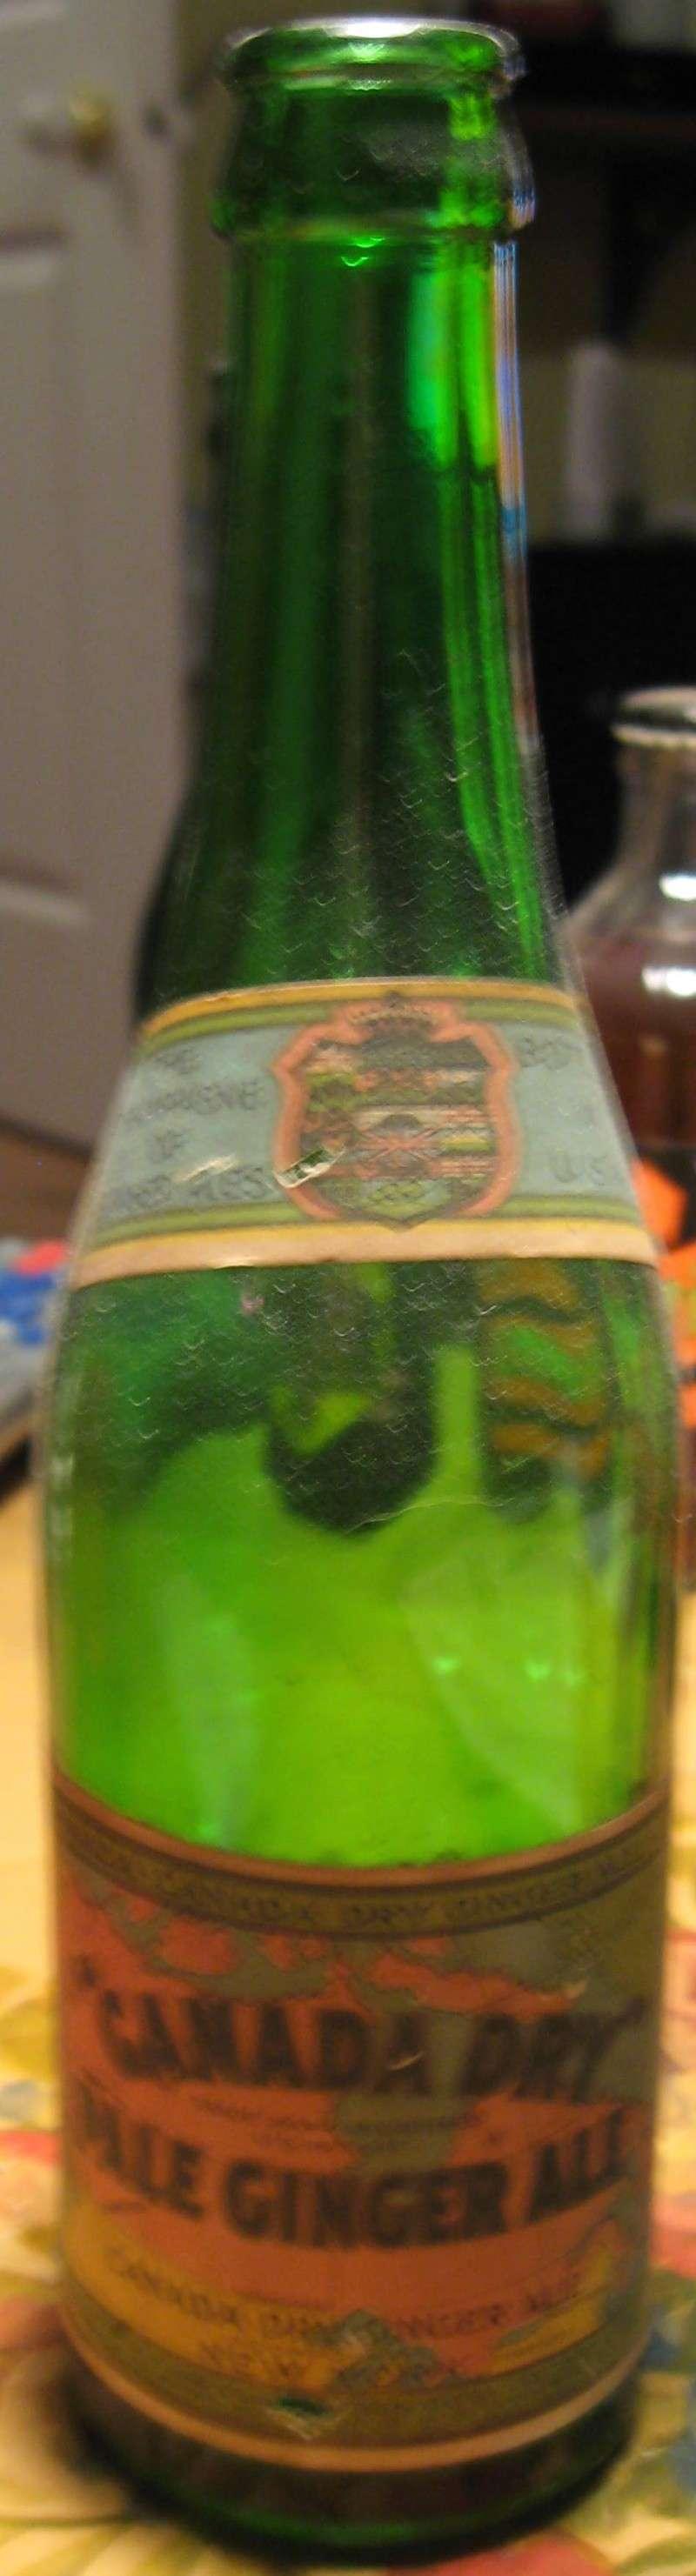 quelque autre bouteille avec etiquette  Photo_98